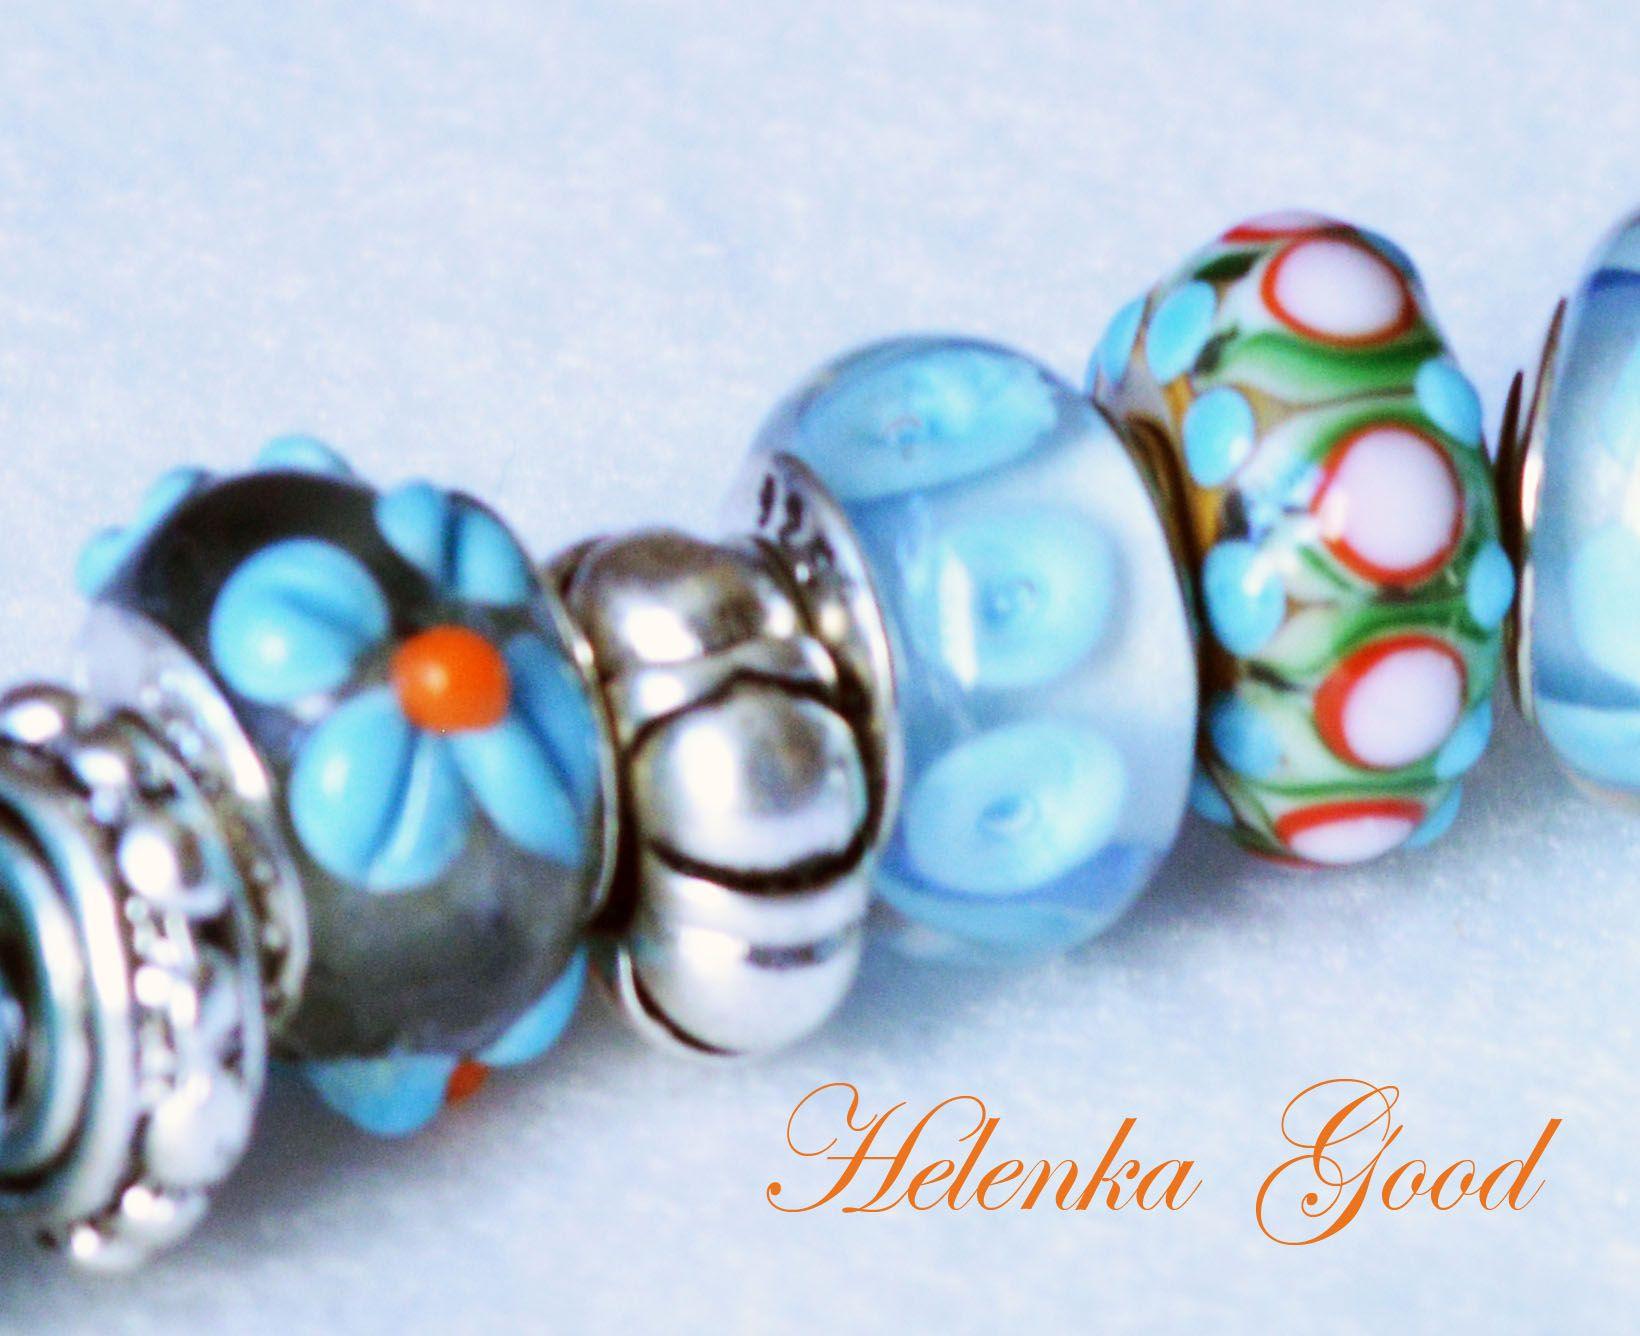 Blue flowers pandora style bracelet in my shop helenkagoodvem blue flowers pandora style bracelet in my shop helenkagoodvem izmirmasajfo